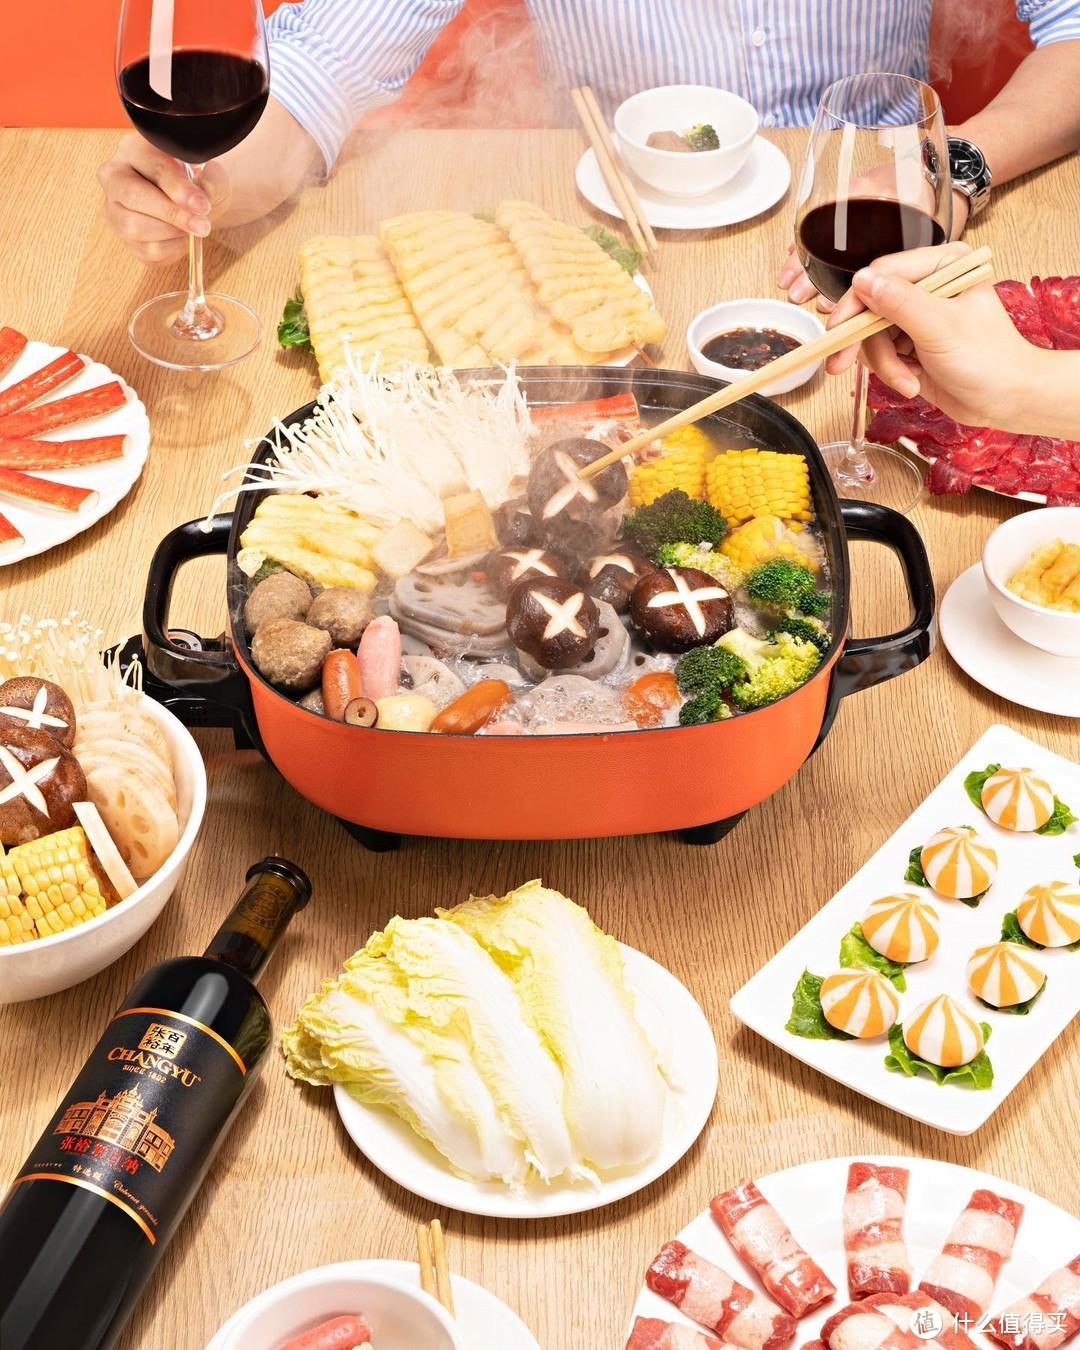 粽子配葡萄酒,这个端午注定不一样!